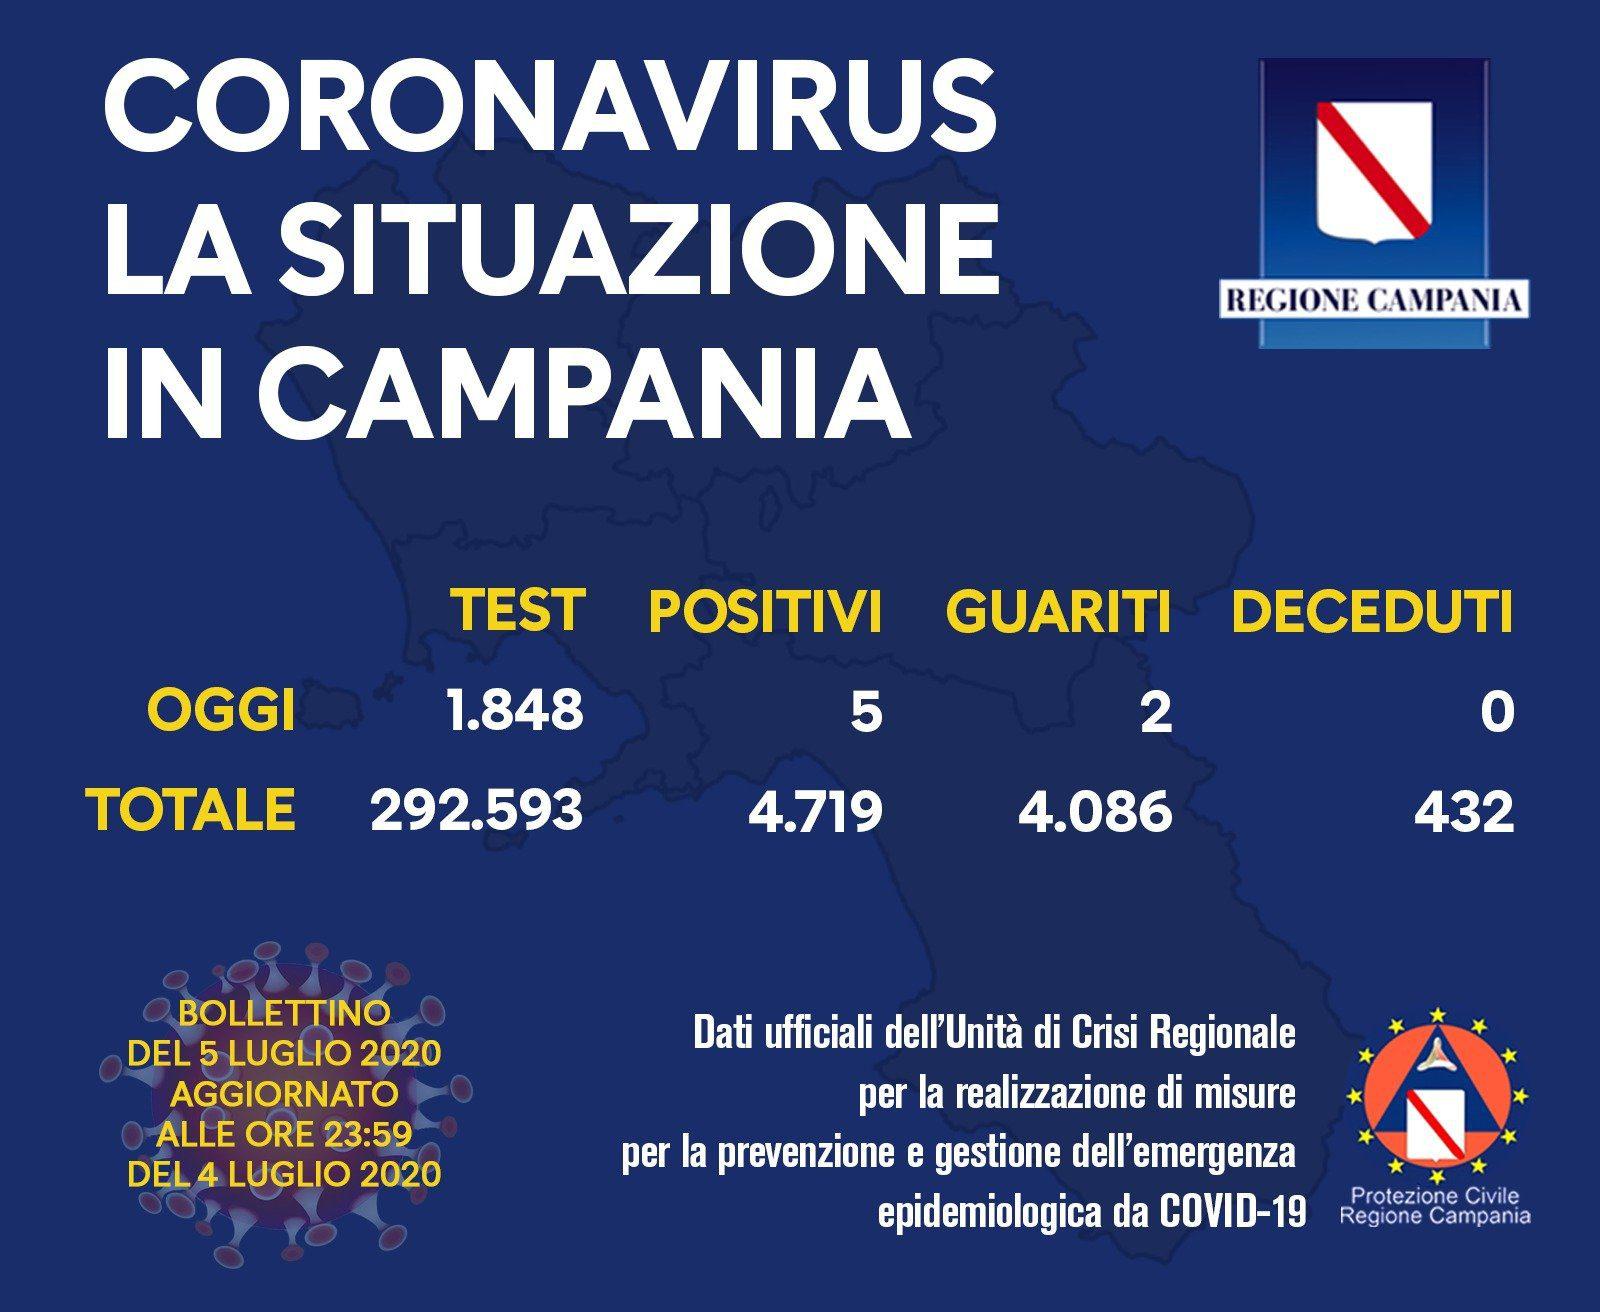 106982007 10158223106703257 8964172332124373626 o - COVID-19, IL BOLLETTINO ORDINARIO DELL'UNITÀ DI CRISI DELLA REGIONE CAMPANIA - 5/7/20